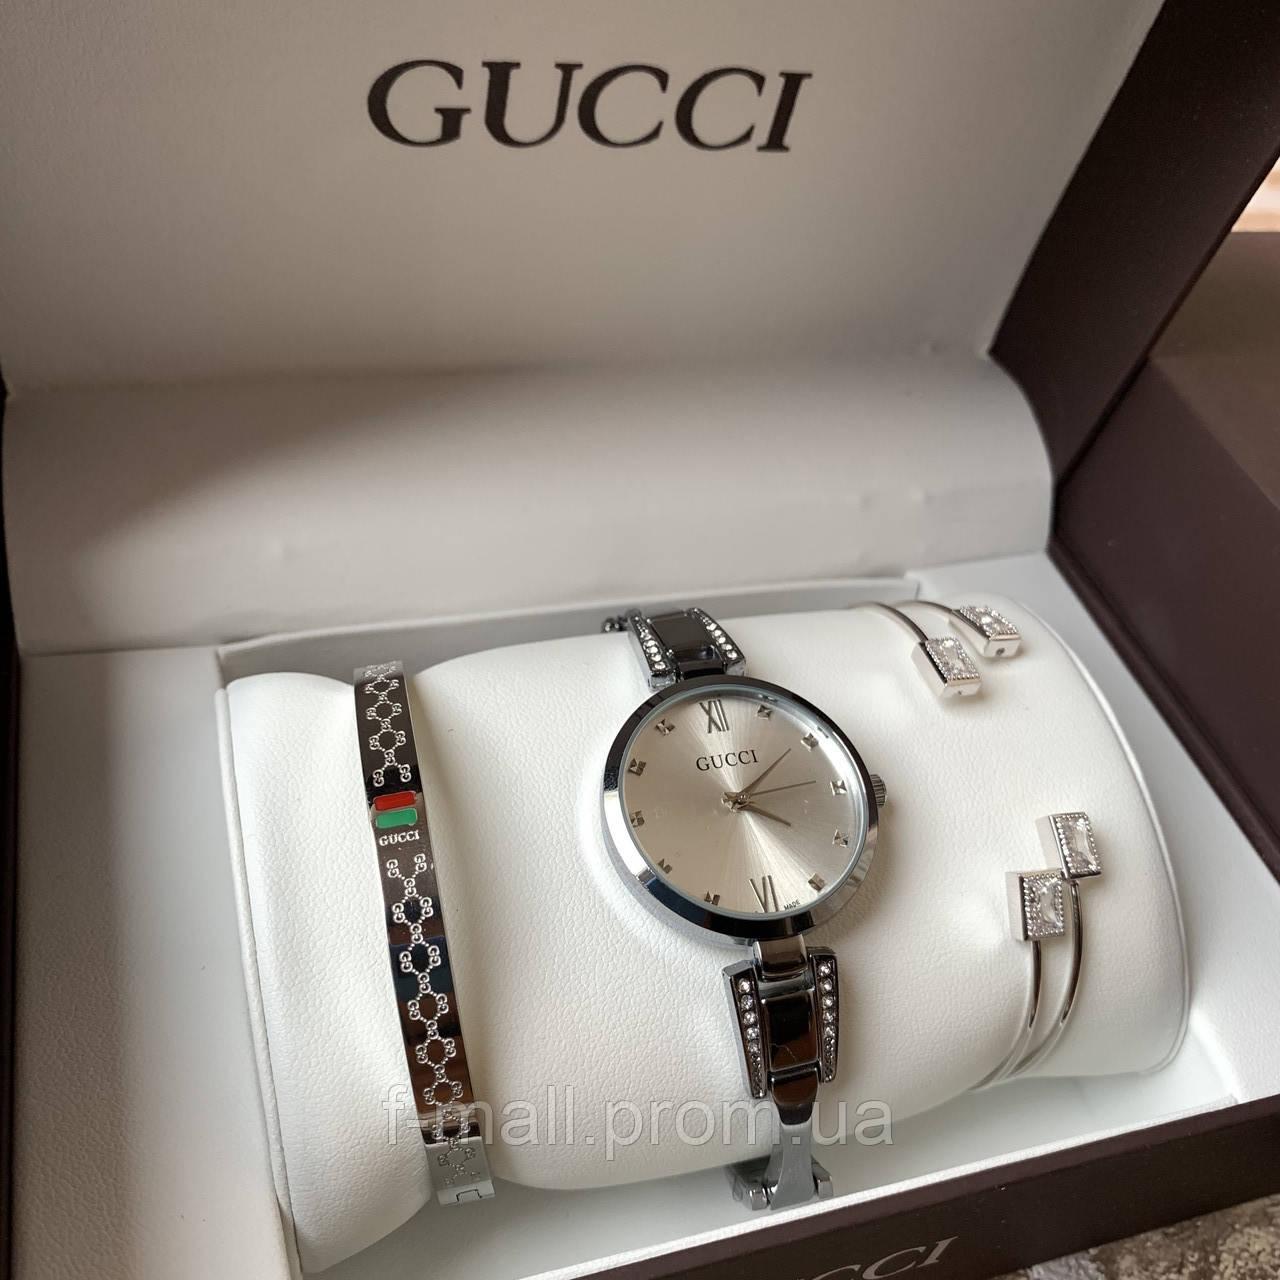 Часы Gucci с браслетами в Красном Луче